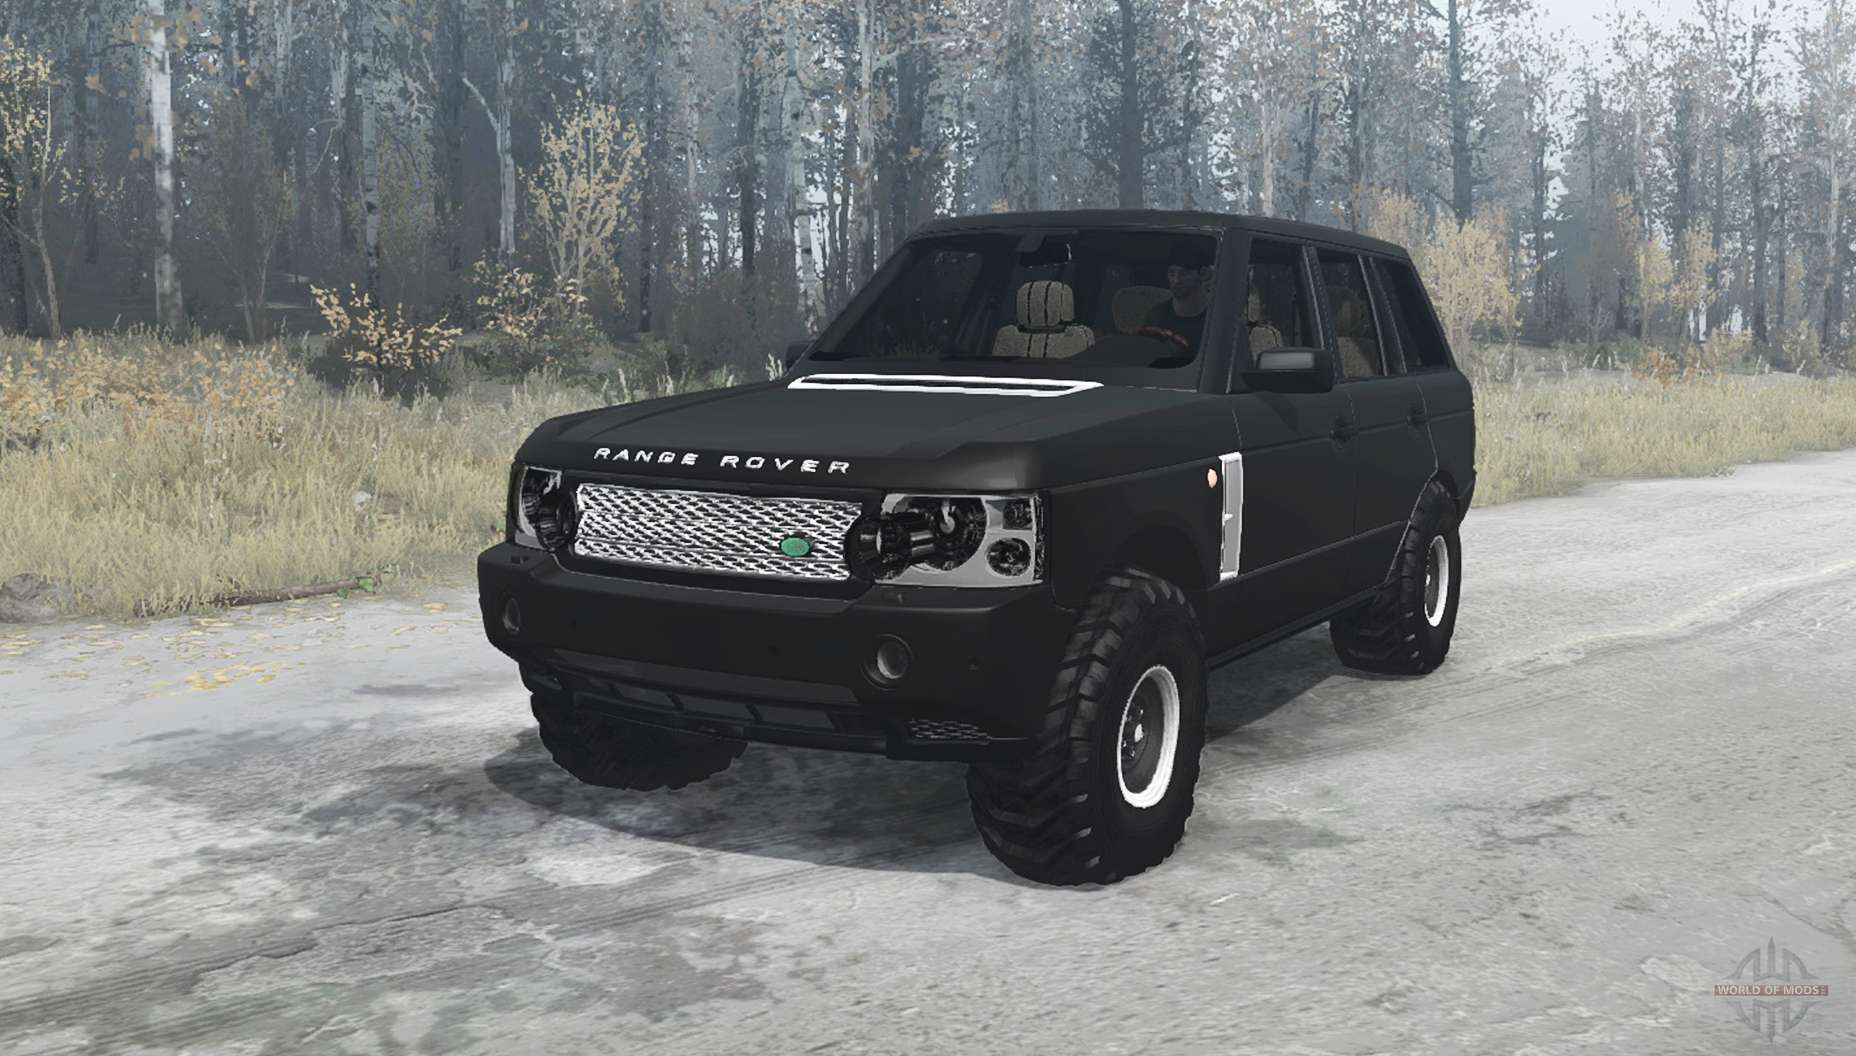 Land Rover Range Rover Supercharged L322 2005 Für Mudrunner